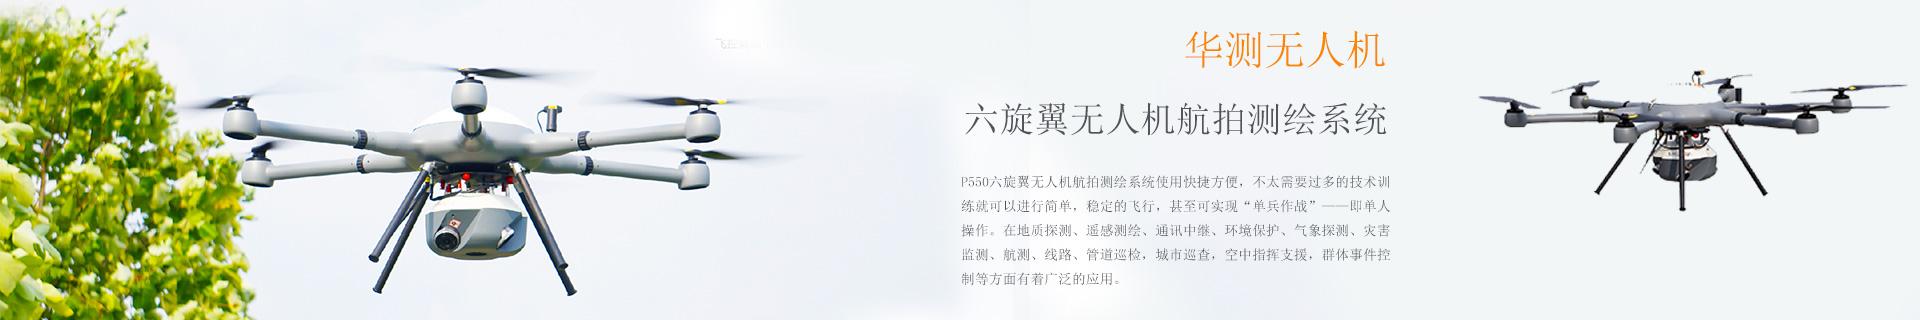 貴陽華測RTK